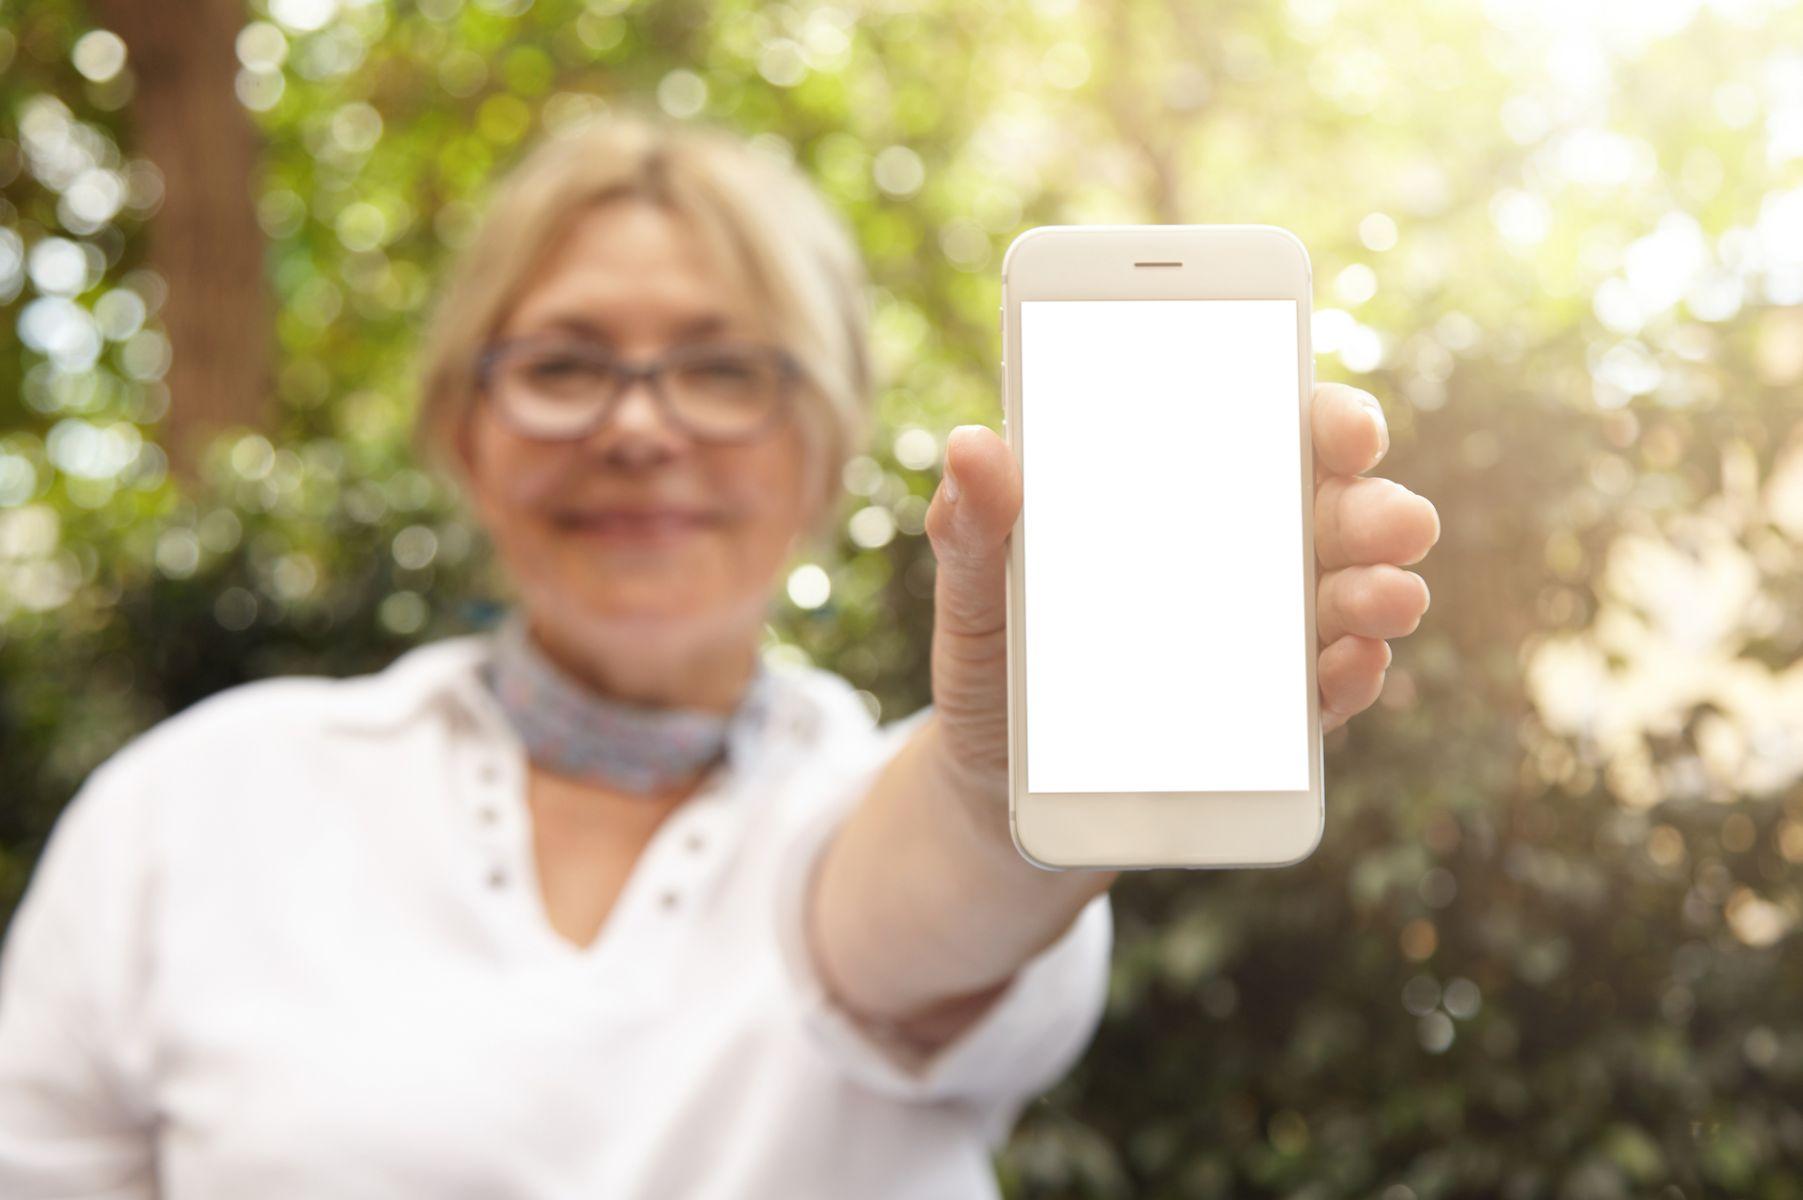 智慧醫療正夯!手機App搭配人工智慧 提升長照品質